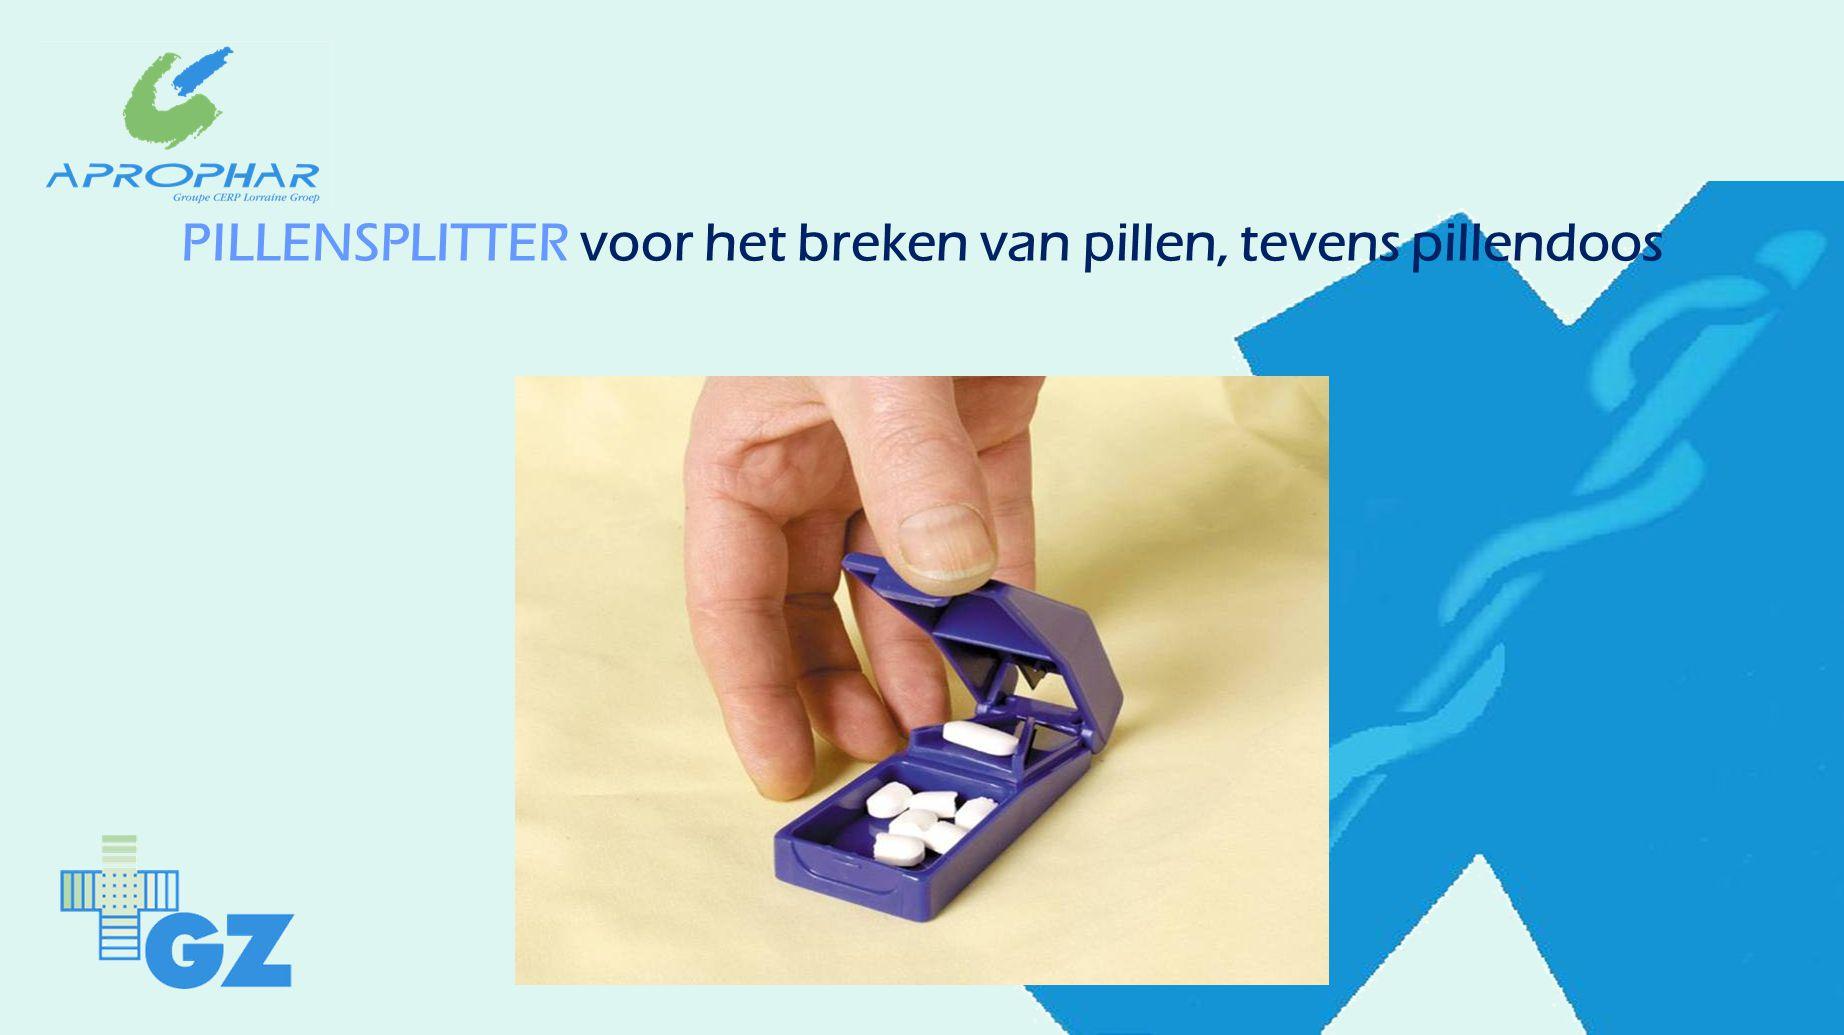 PILLENSPLITTER voor het breken van pillen, tevens pillendoos